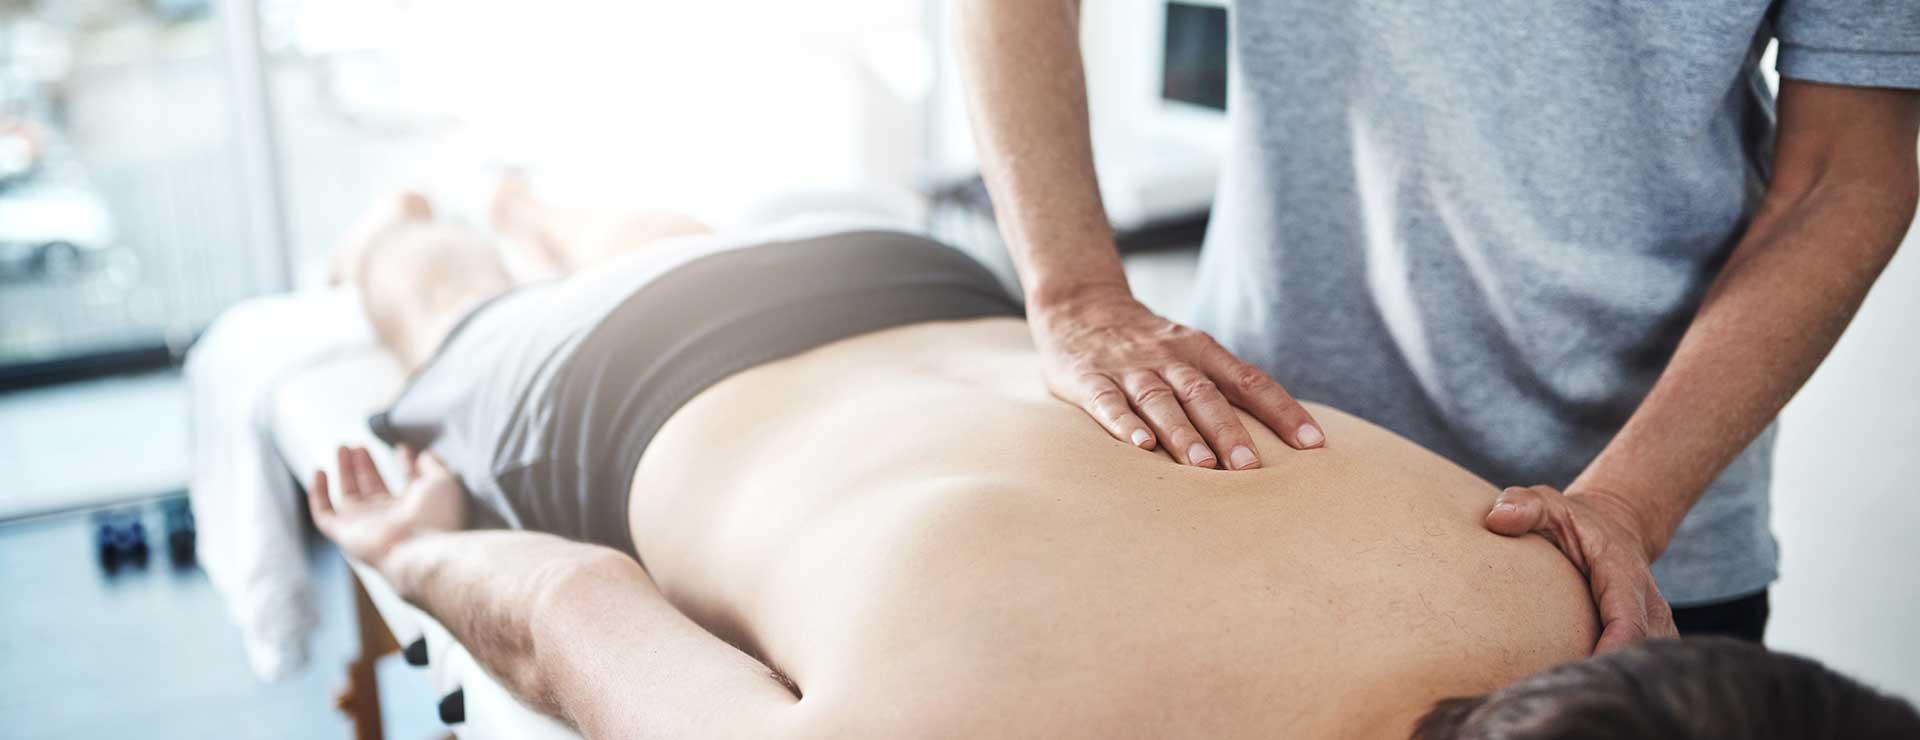 Chiropractic Medicine | Johns Hopkins Medicine